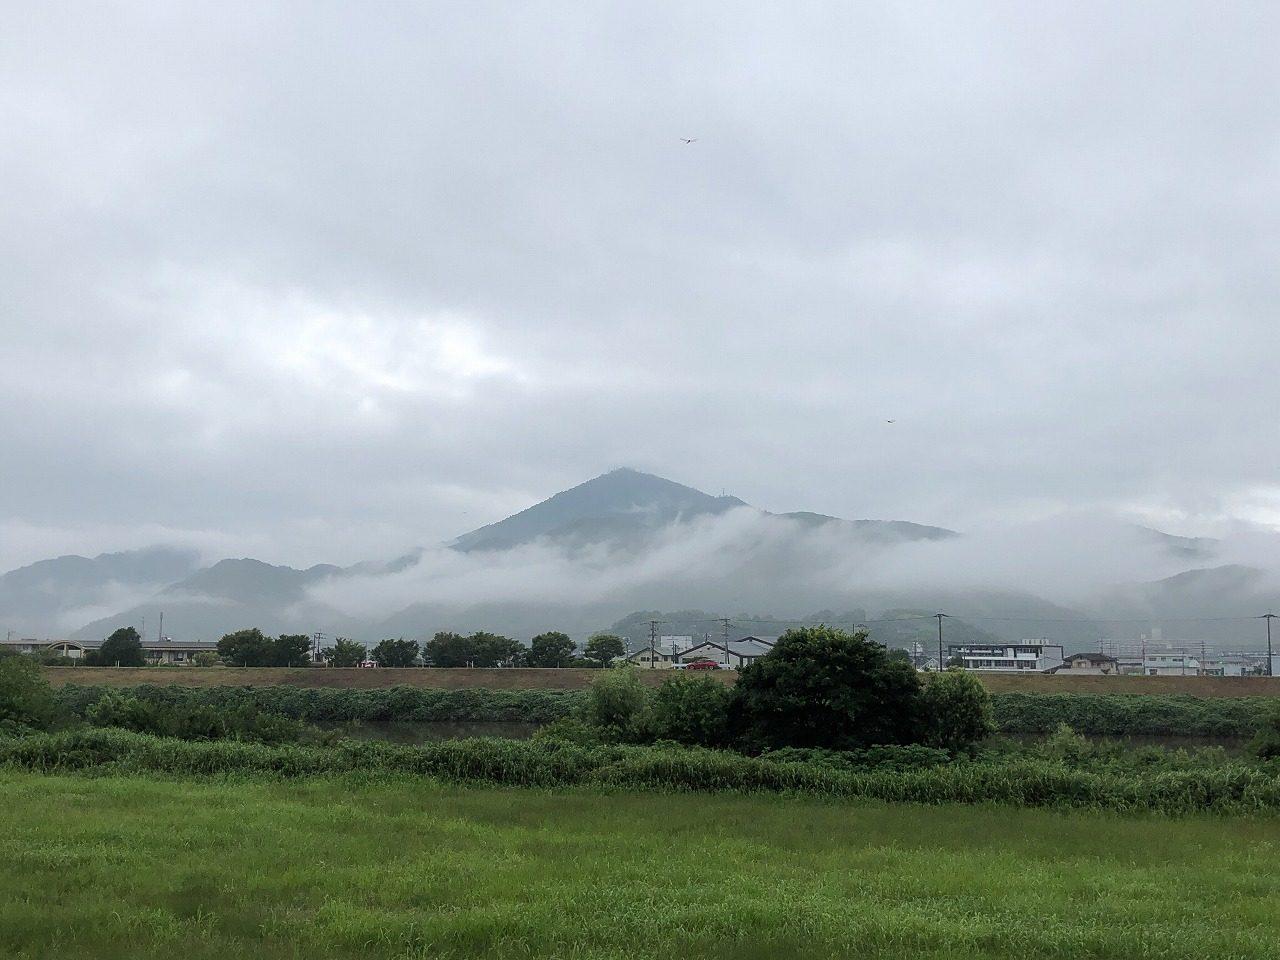 2019.7.4今朝の金峰山です。朝は、濃霧注意報がでてたのだ。